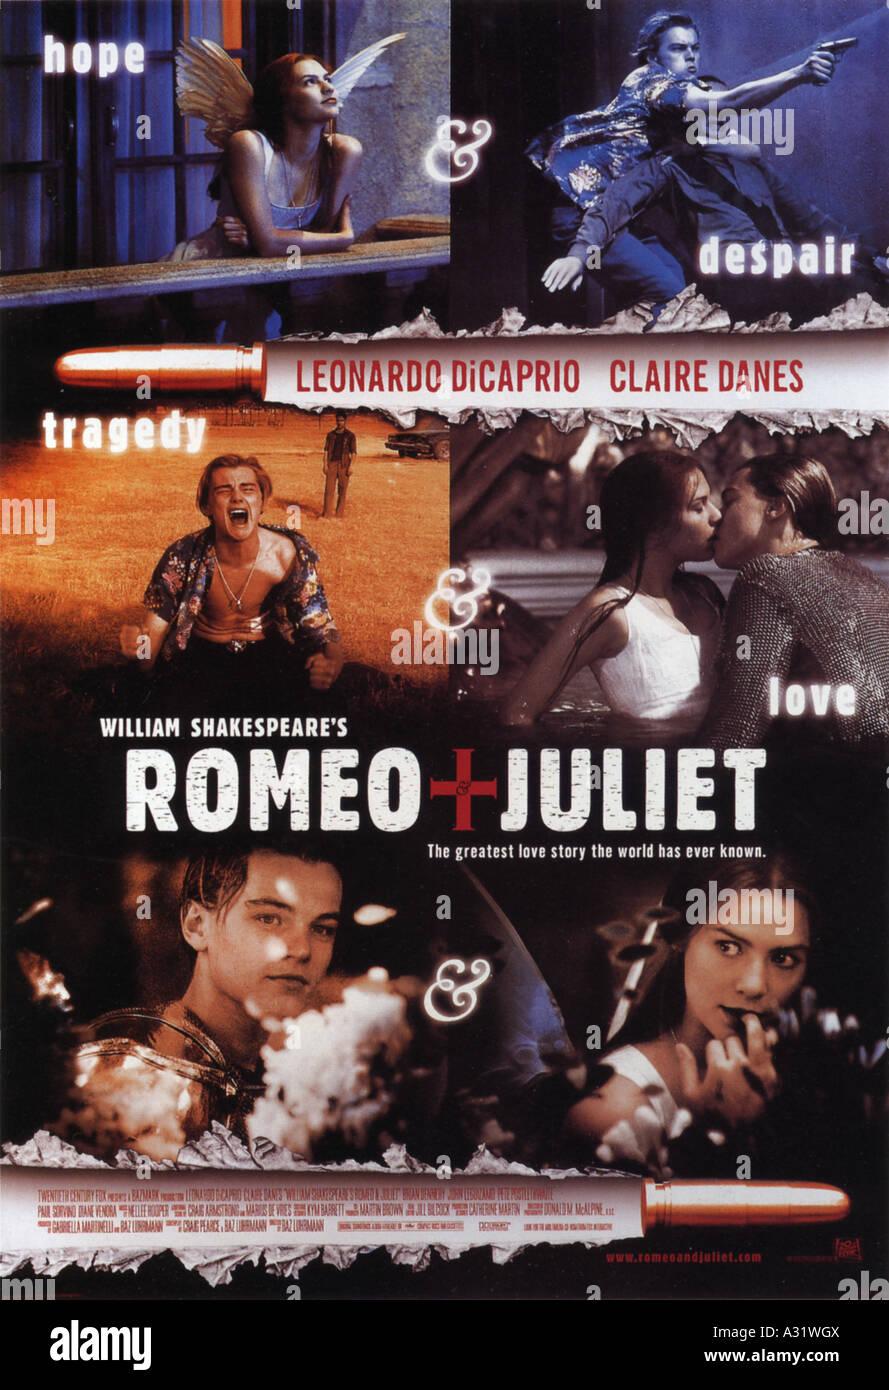 William shakespeare movie